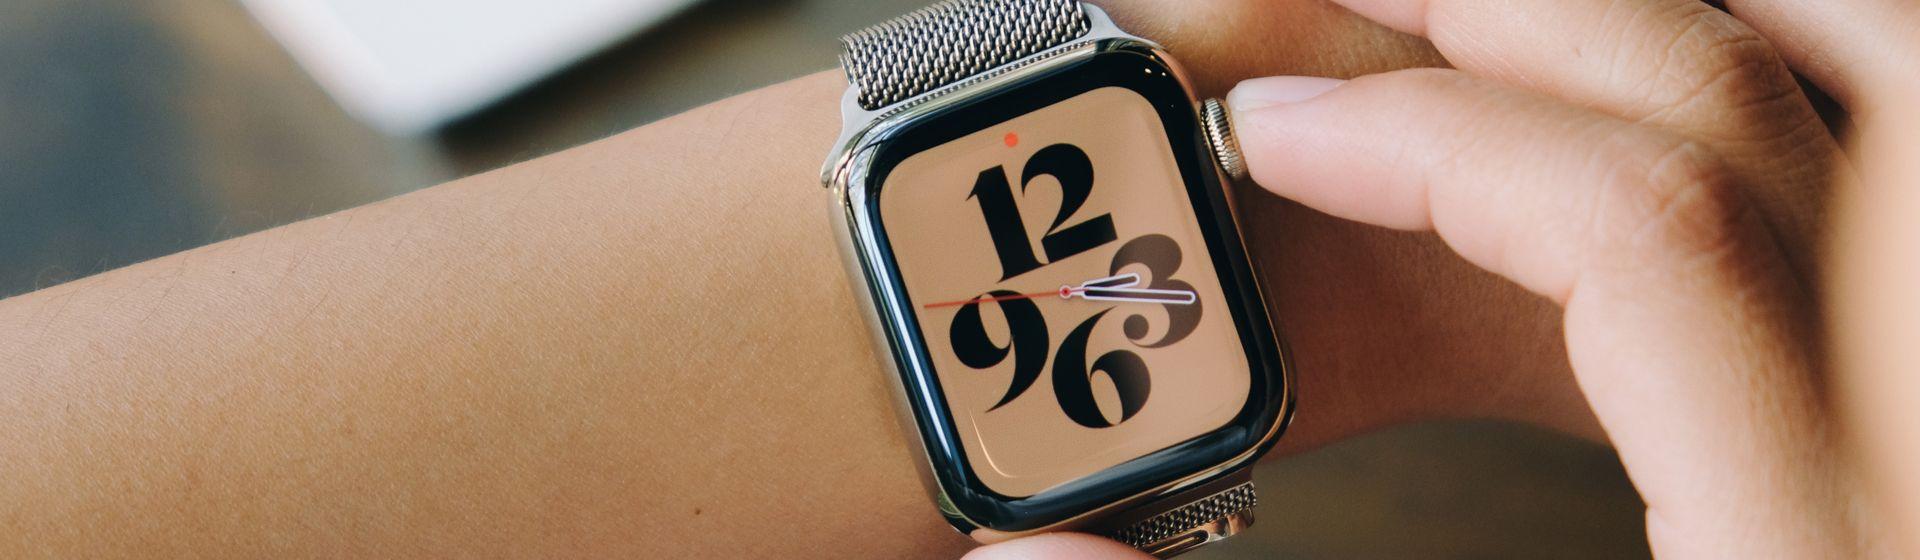 Smartwatch Apple: as melhores opções para comprar em 2021